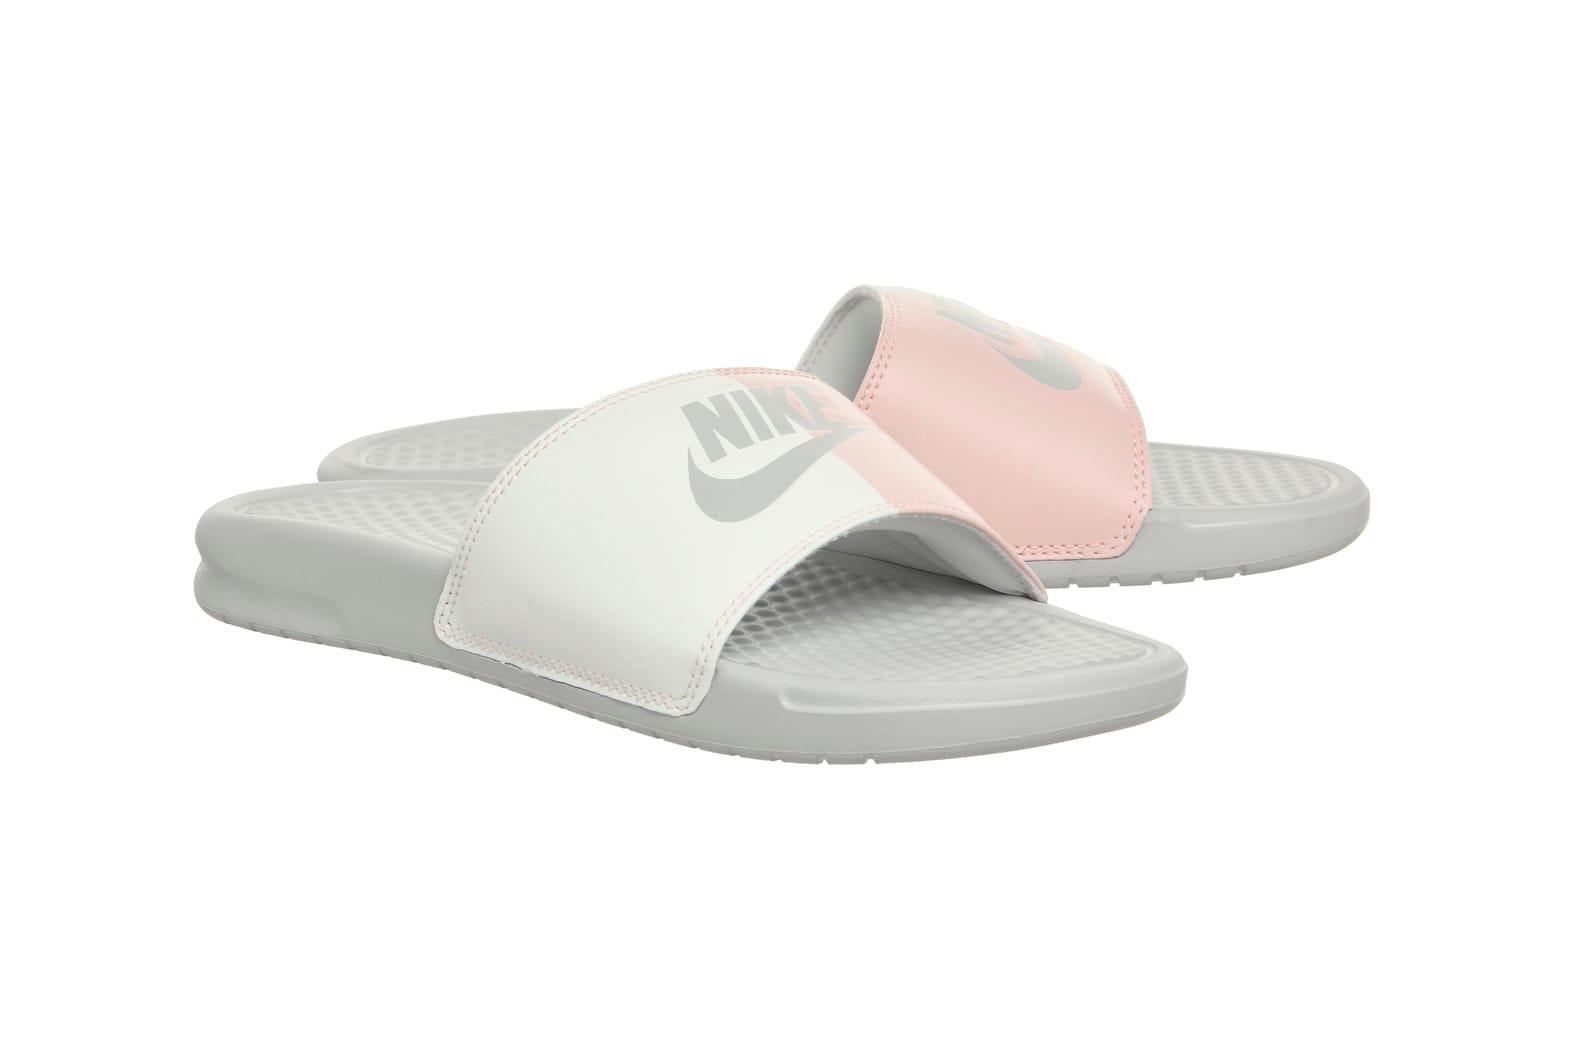 nike 2 strap slides white